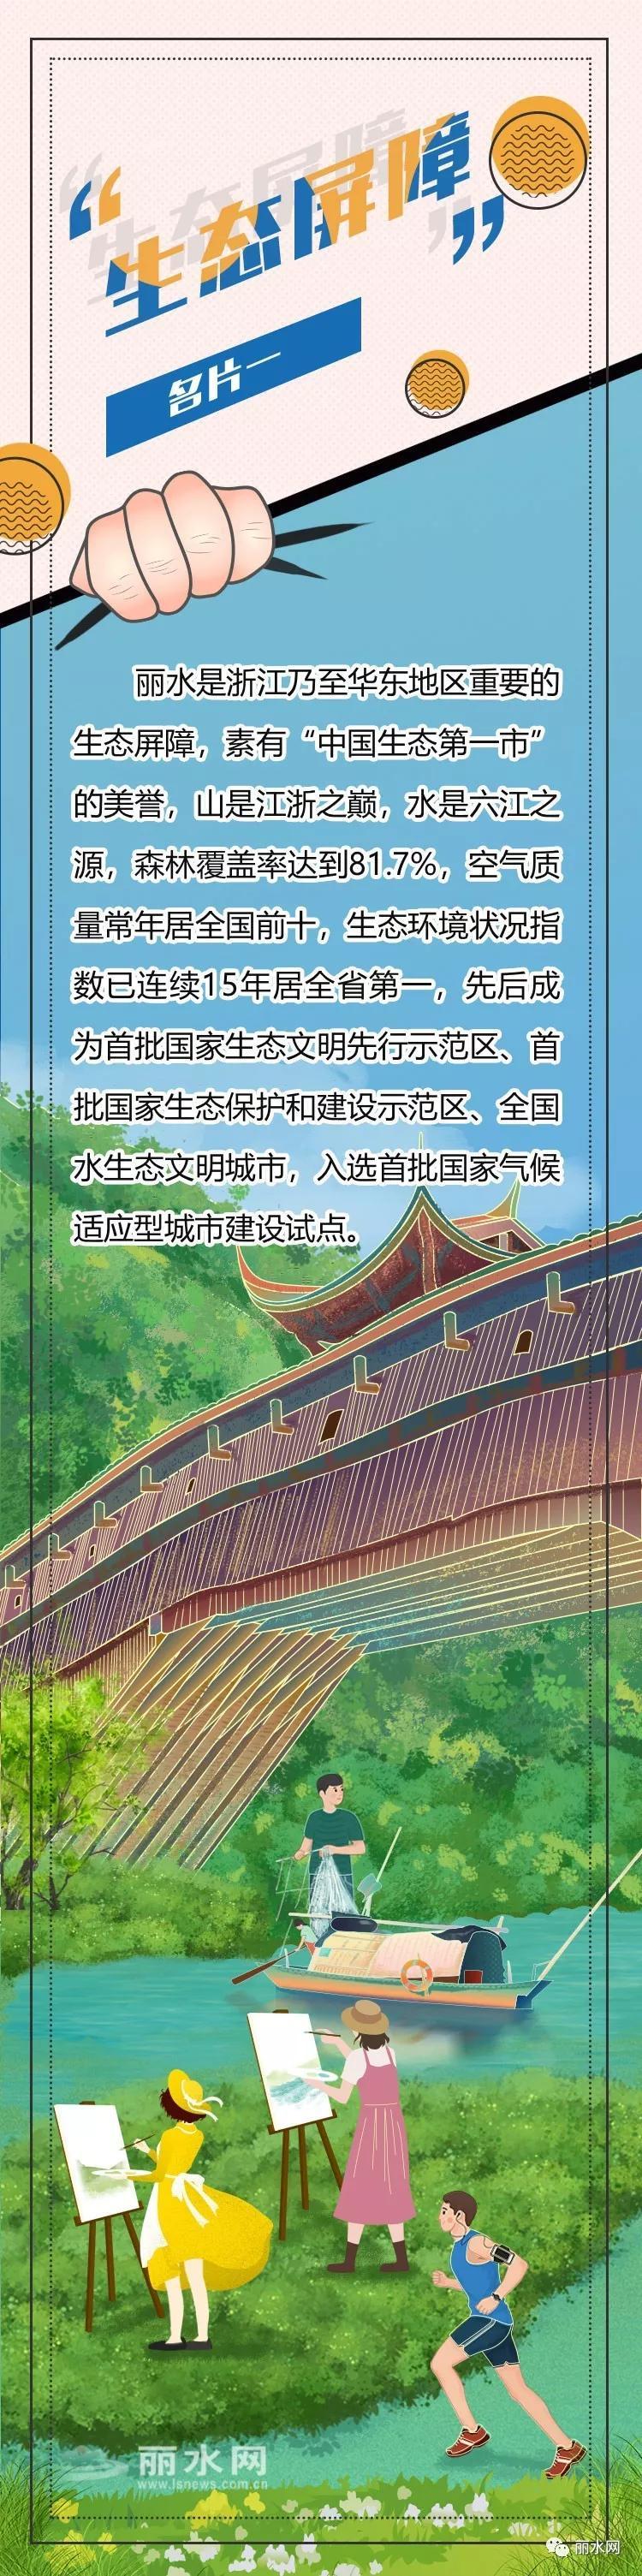 丽水今天在杭州交了一张与270万丽水人有关的成绩单